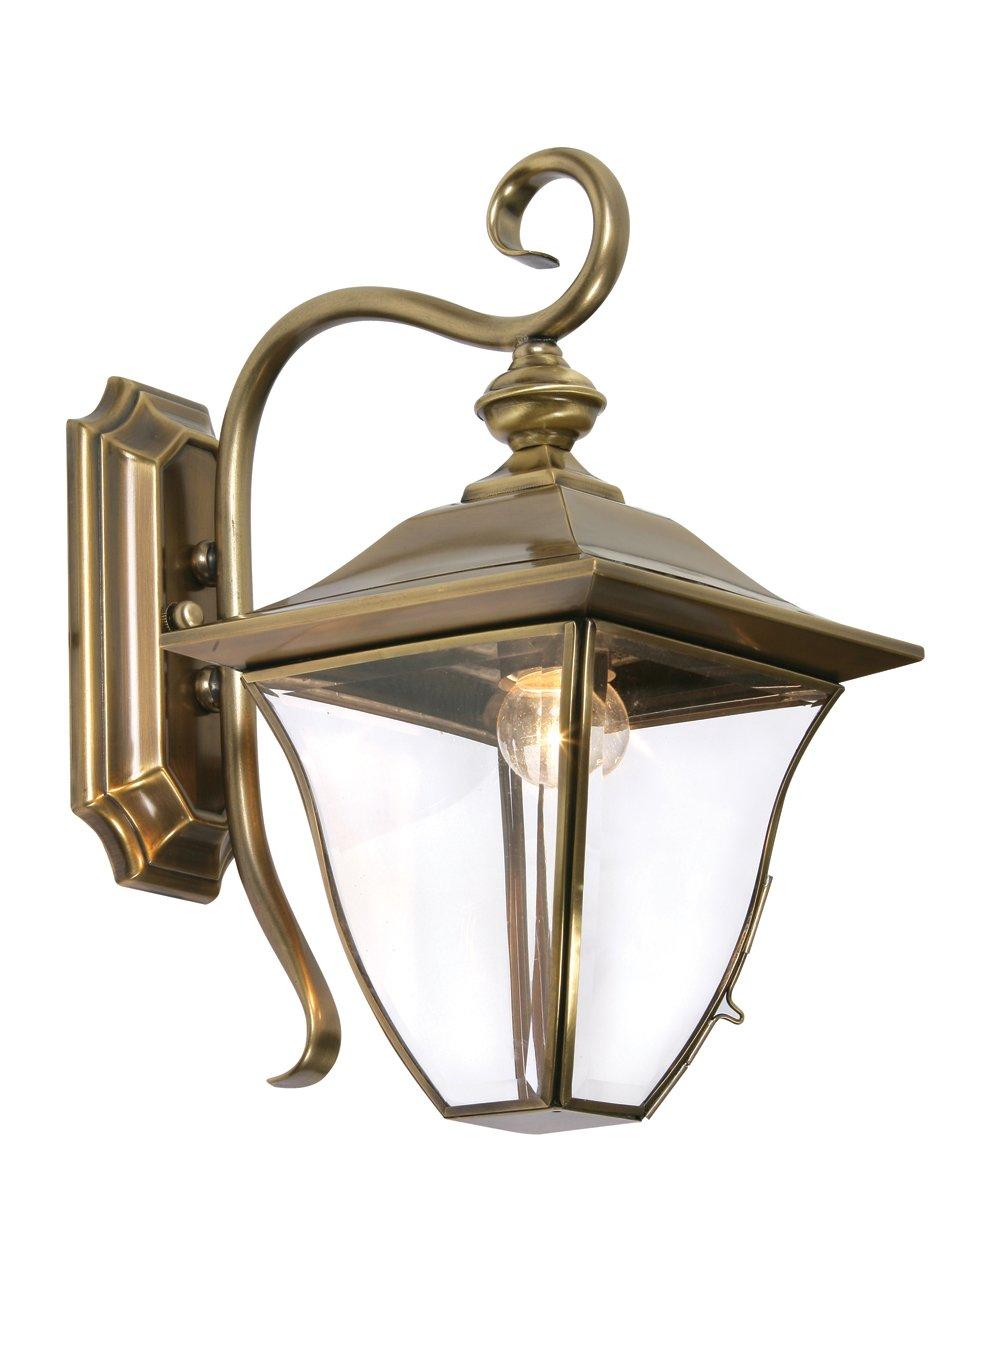 Oaks Lighting Callan Außen-Wandleuchte Außen-Wandleuchte Außen-Wandleuchte Messing 128a2f